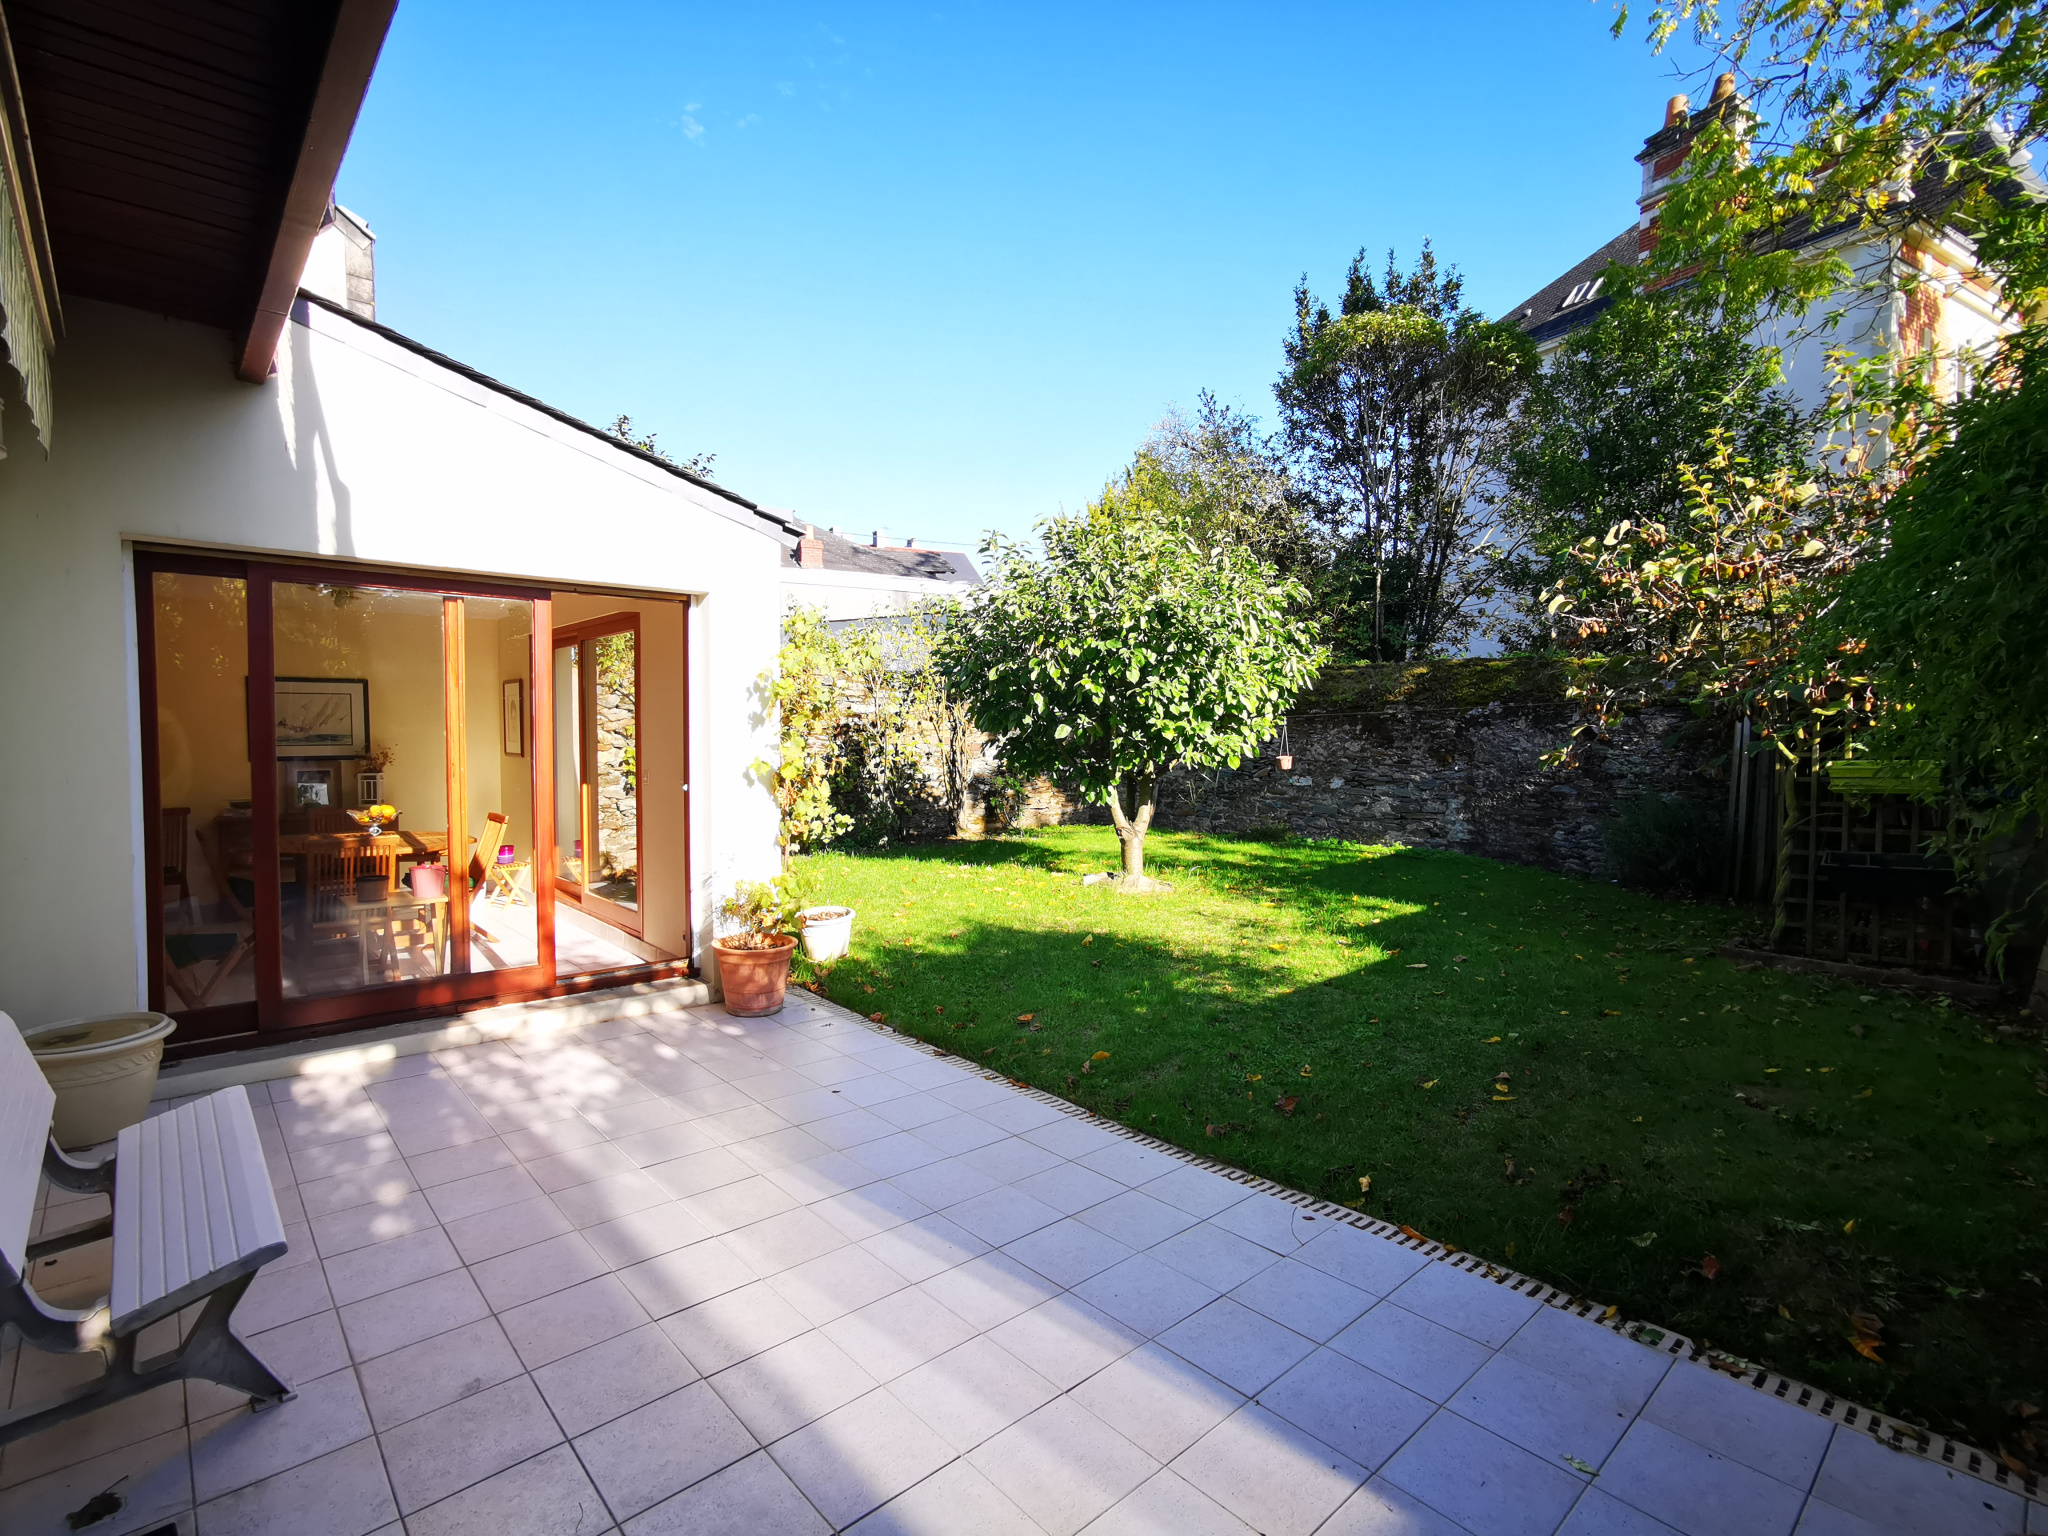 Nantes Americains Maison De Ville 216 M Au Sol Env 185 M2 Habitable Garage Jardin Veranda Balcon